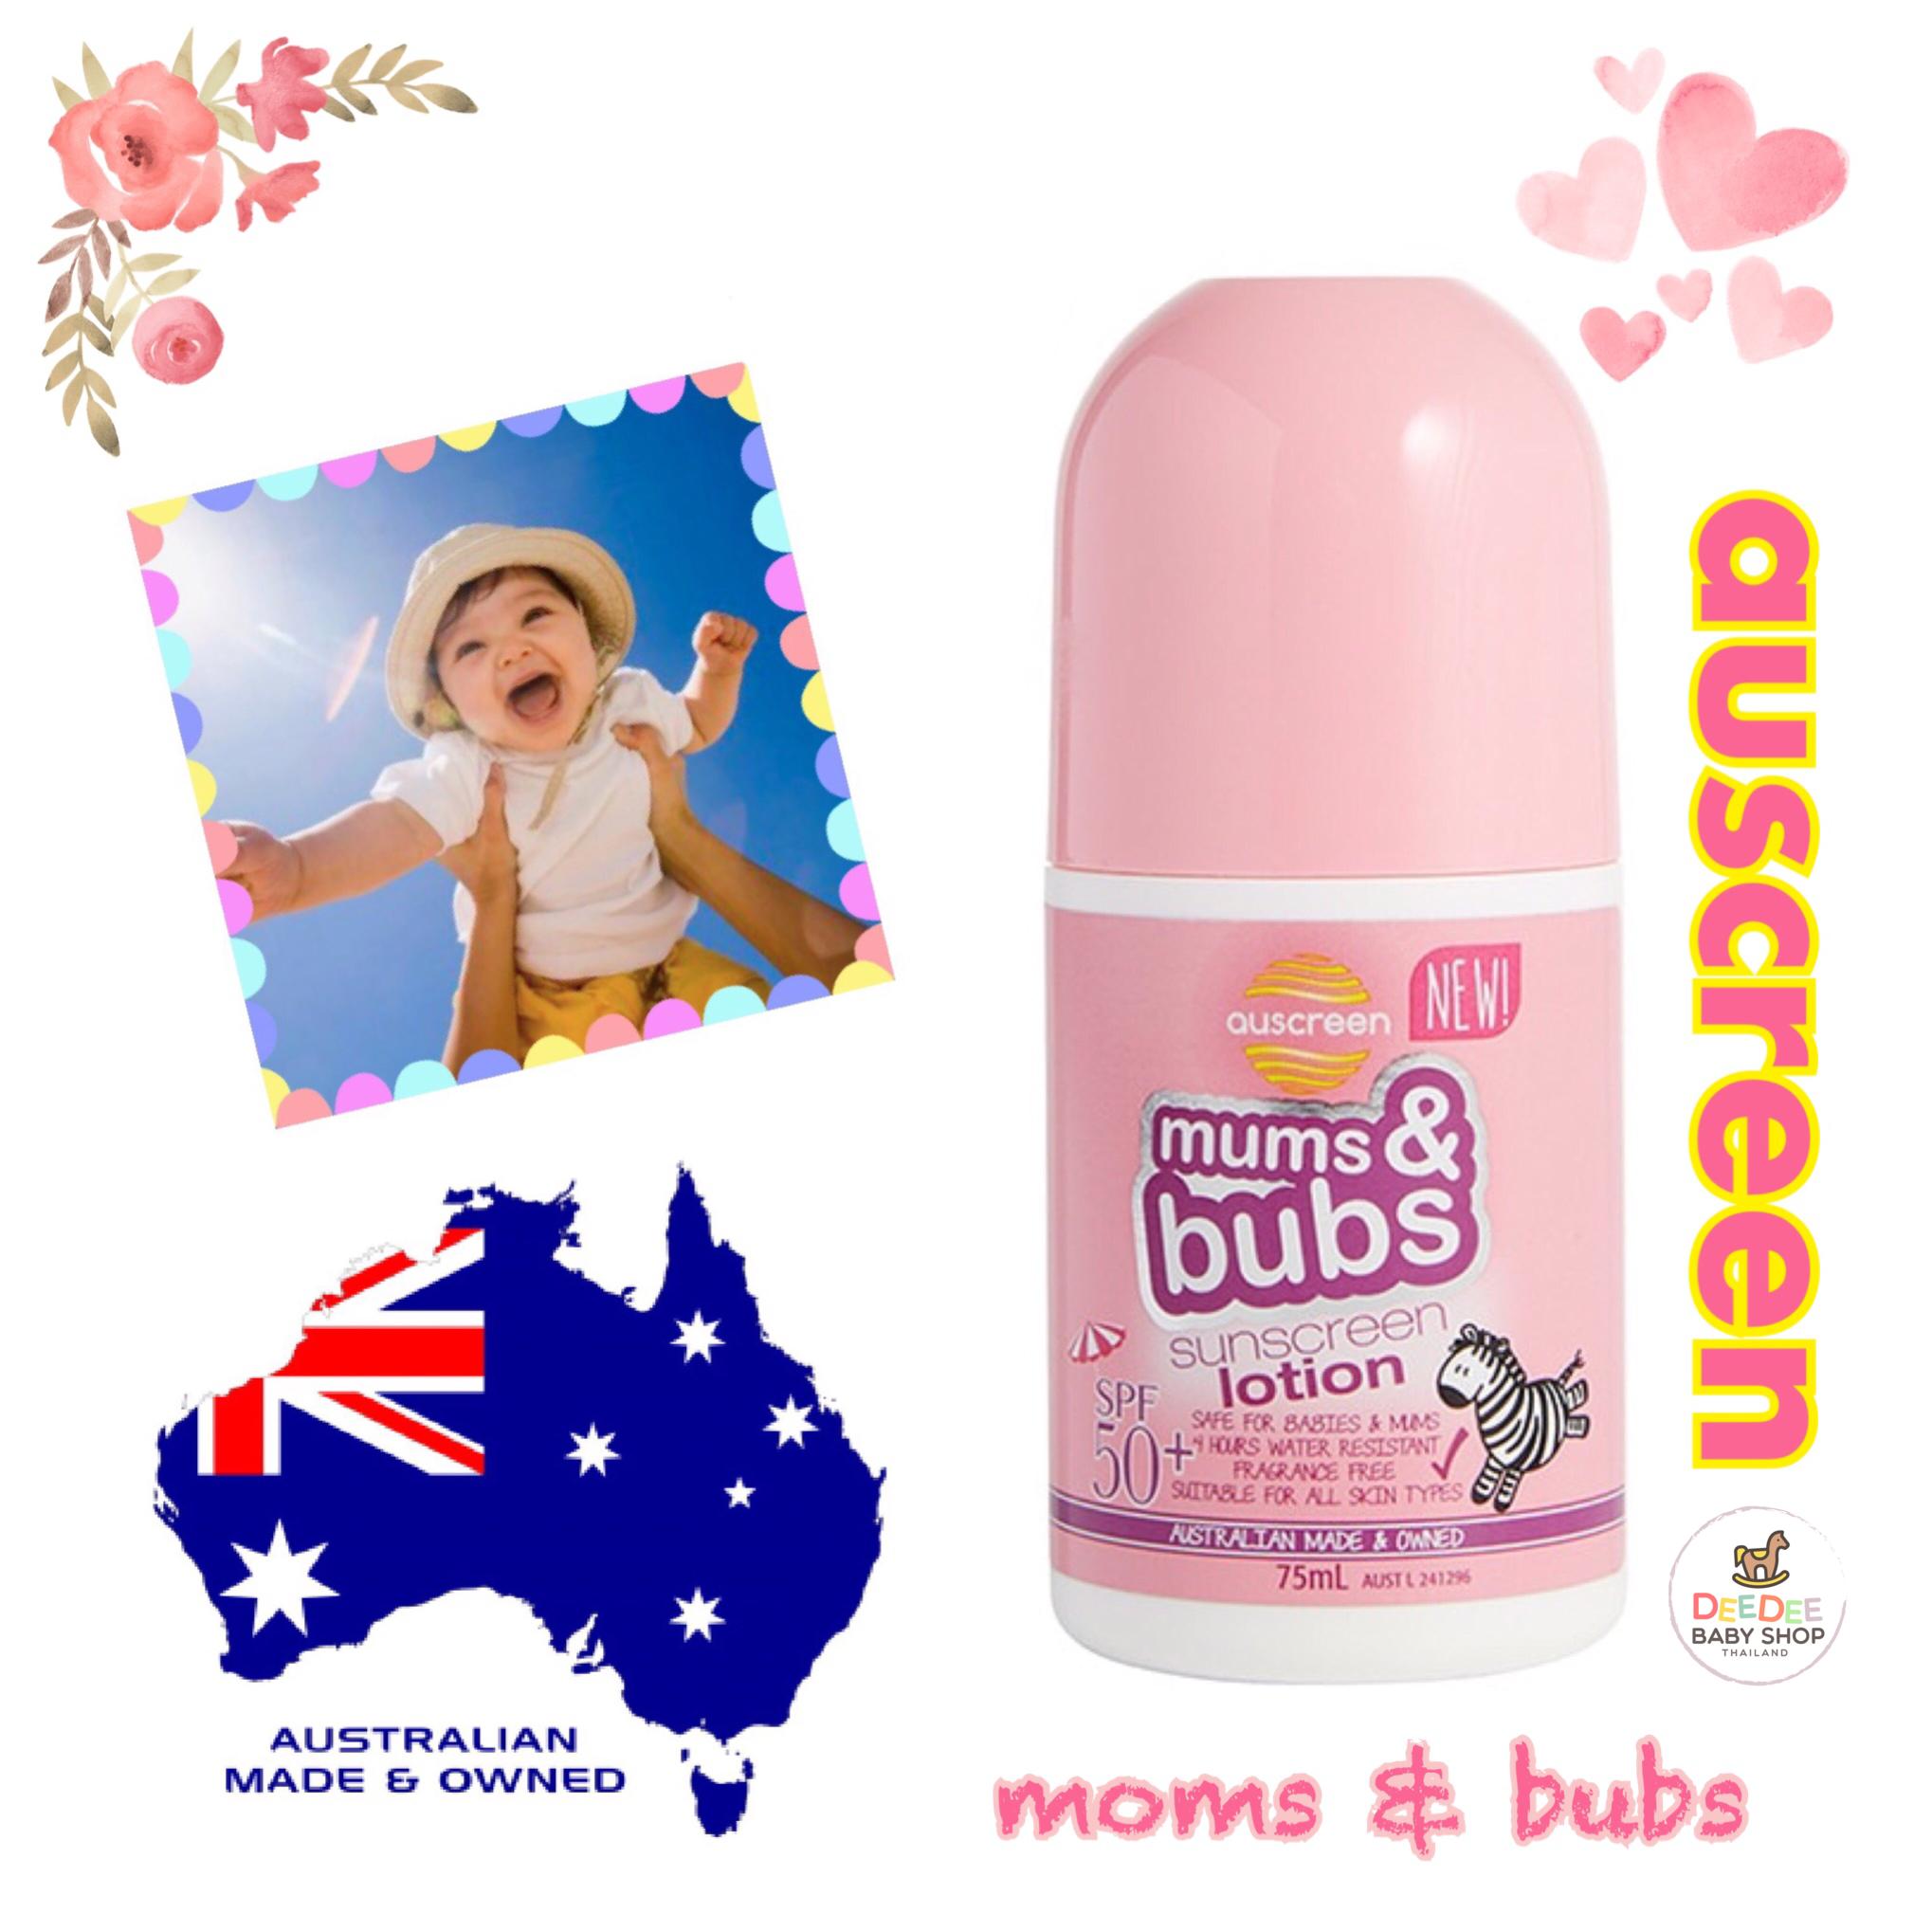 โรลออนกันแดดพร้อมบำรุงผิวสำหรับคุณแม่และเบบี๋ auscreen รุ่น Mums & Bubs Sunscreen Roll-On Lotion SPF50+